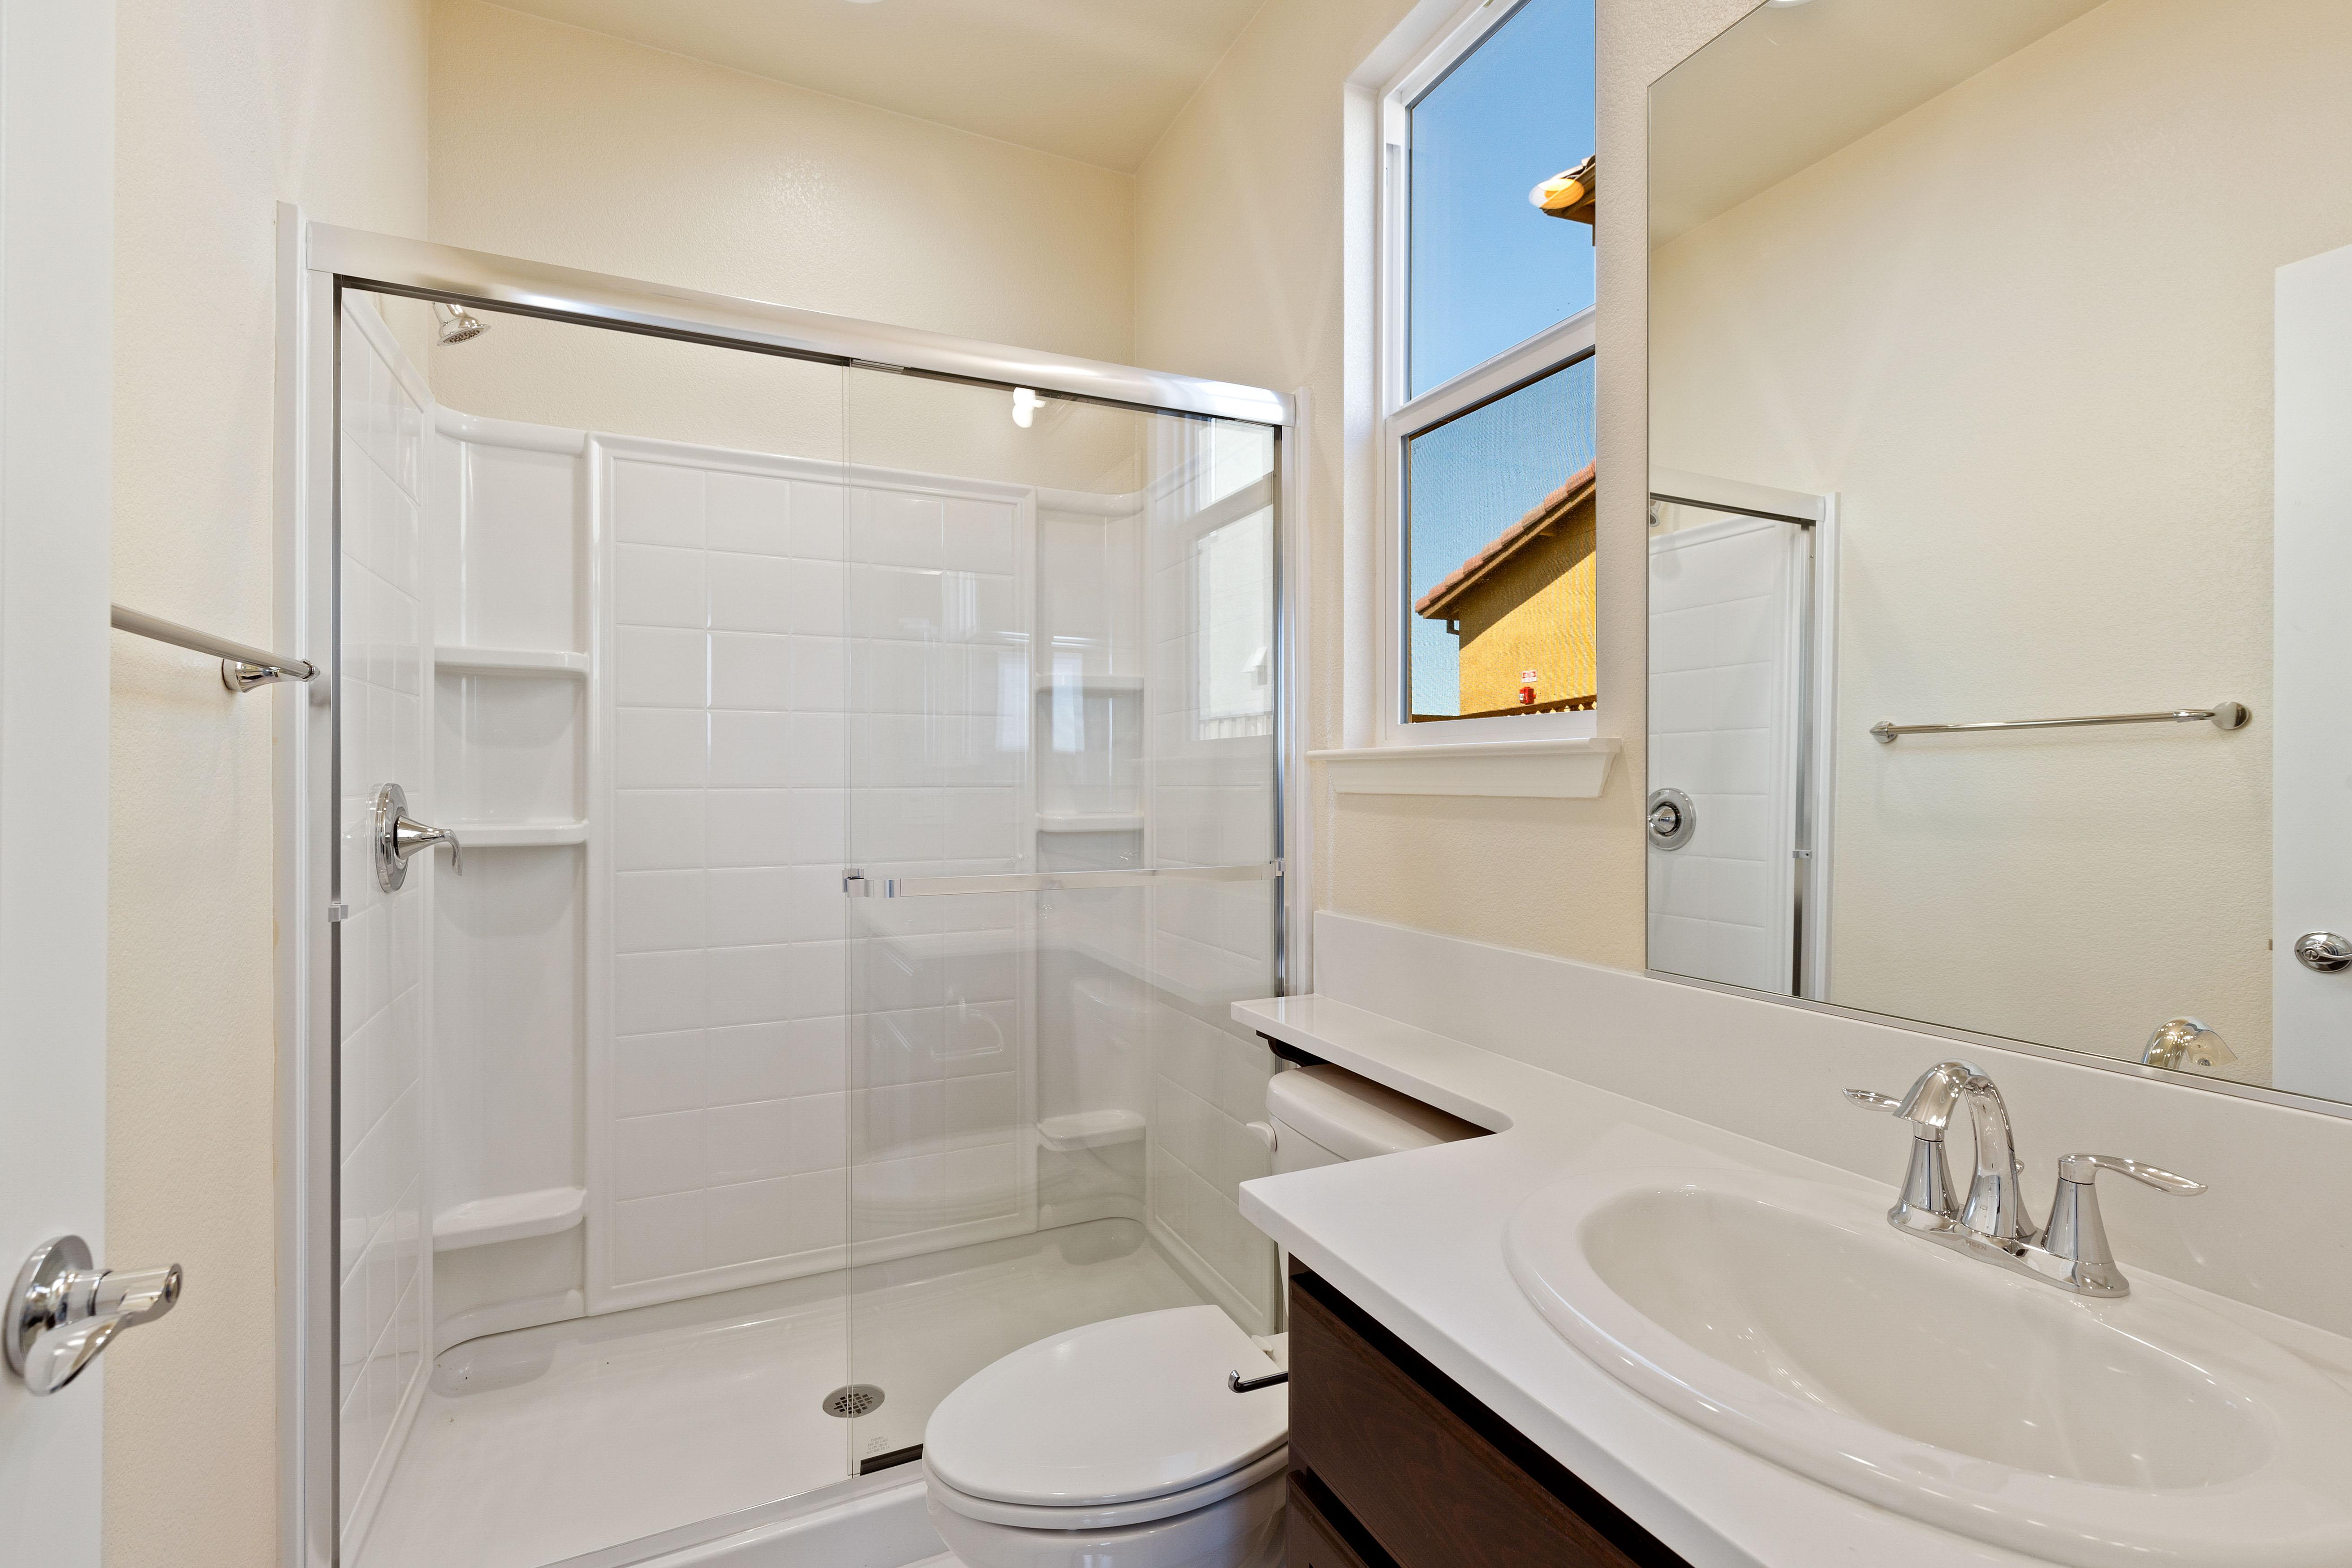 Shower room tiles   Elite Builder Services